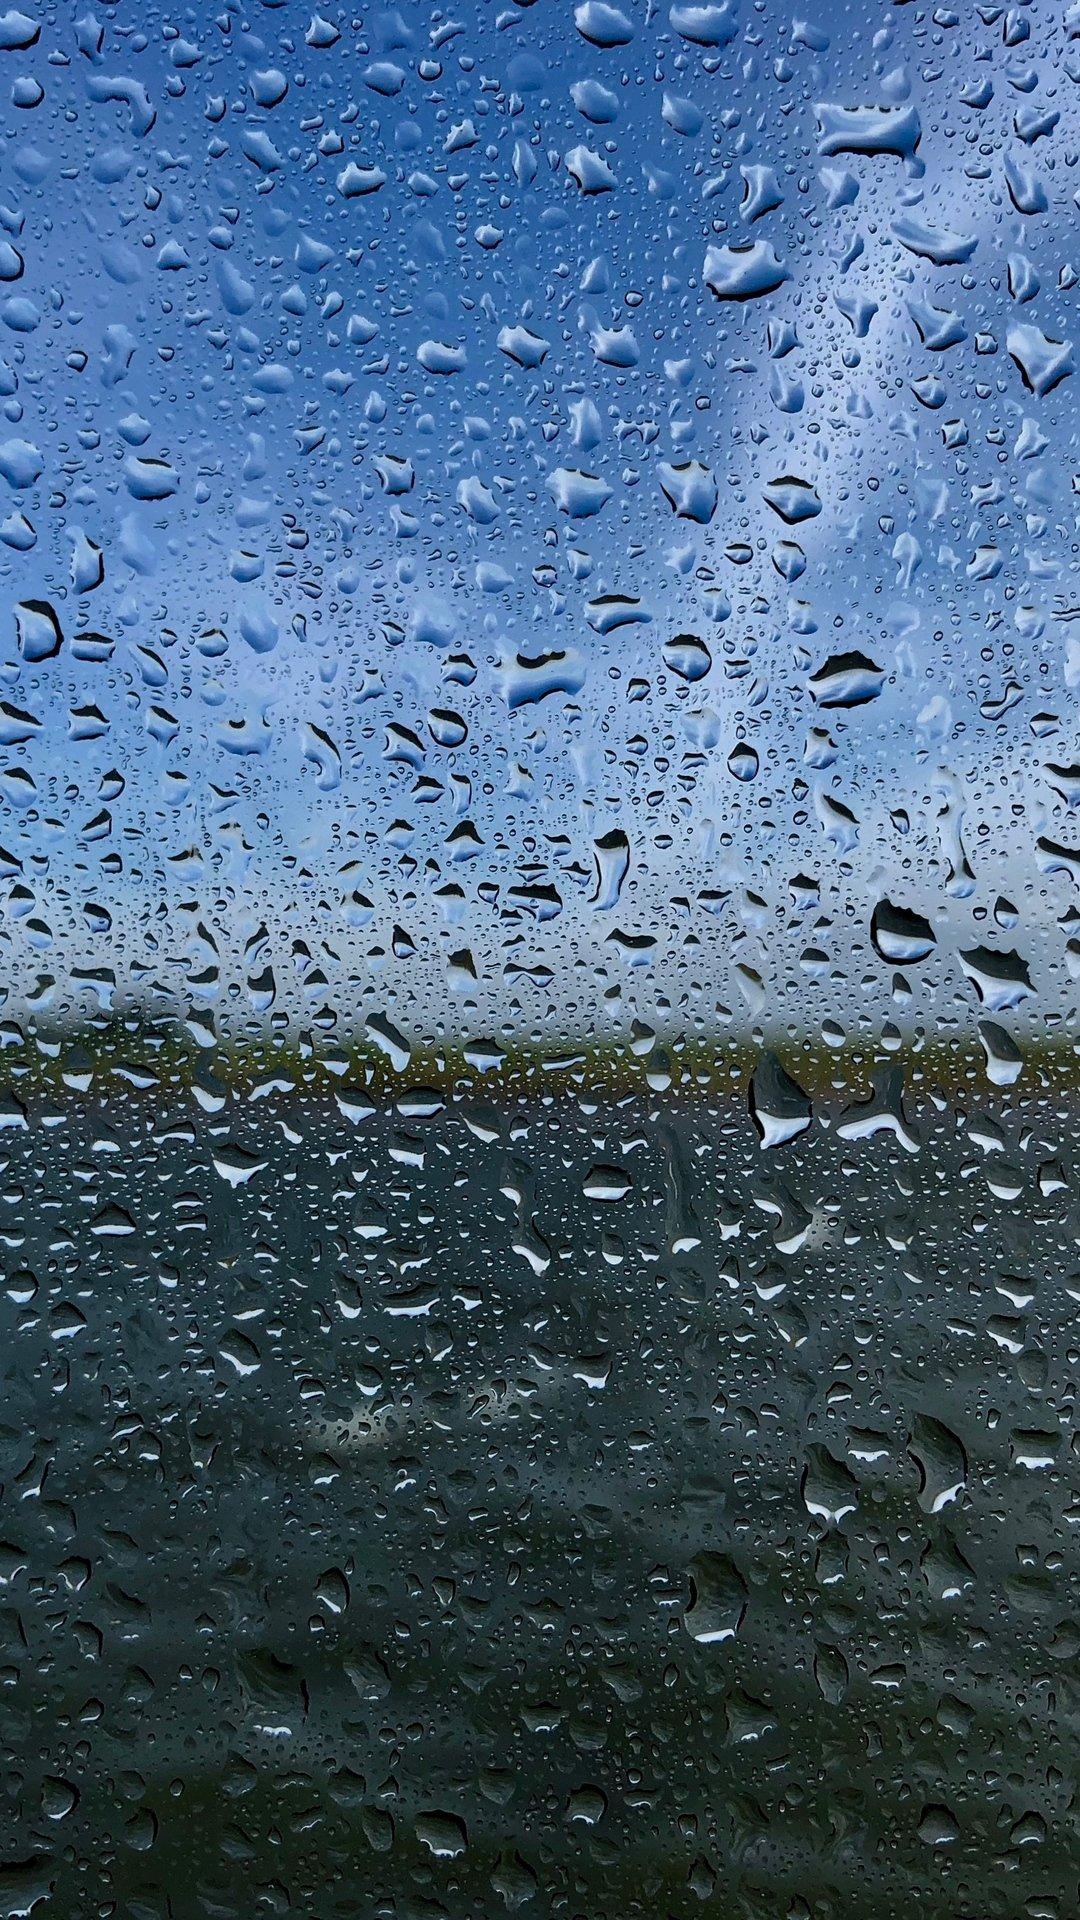 Rain iOS 8 wallpaper